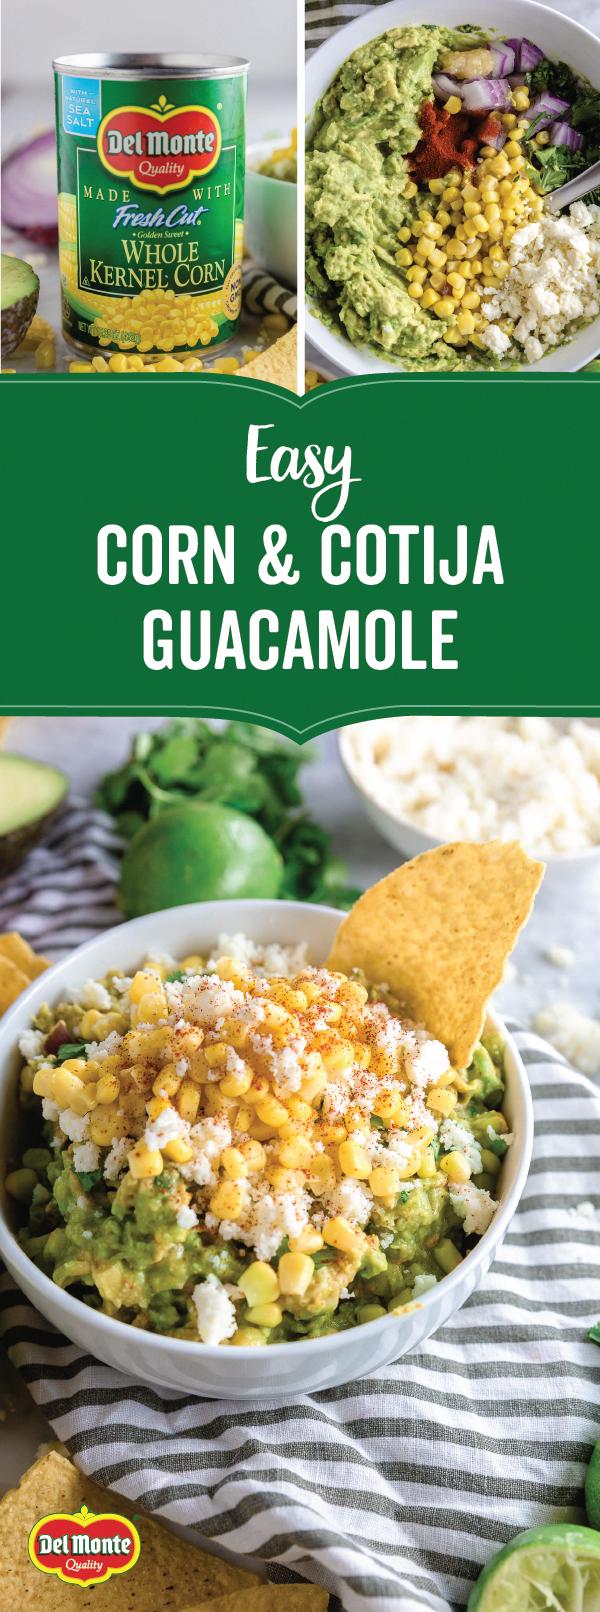 Corn and Cotija Guacamole - Gluten-Free